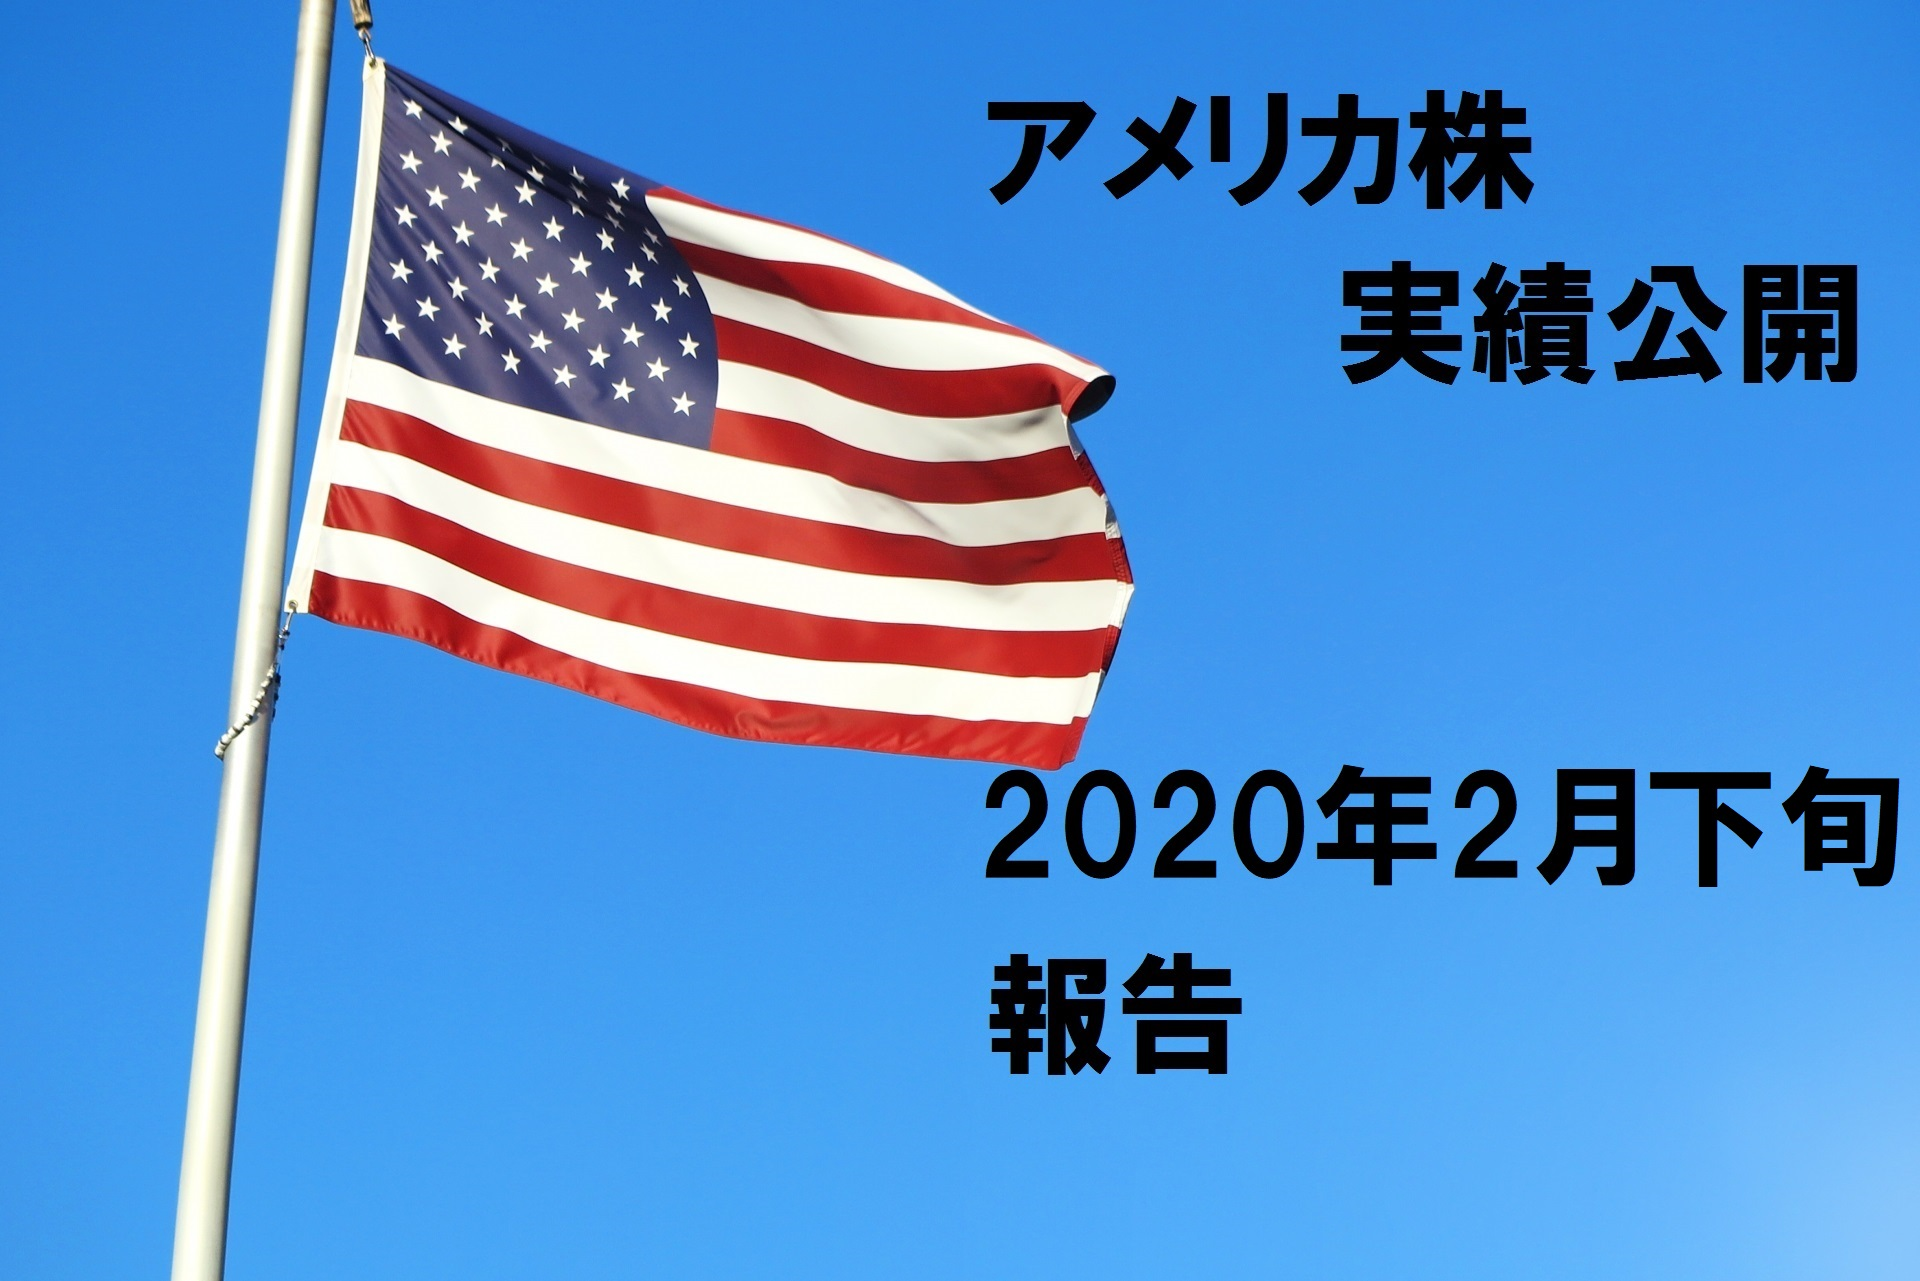 2020年2月末時点でのアメリカ株実績報告(地獄の始まりアメリカ編)